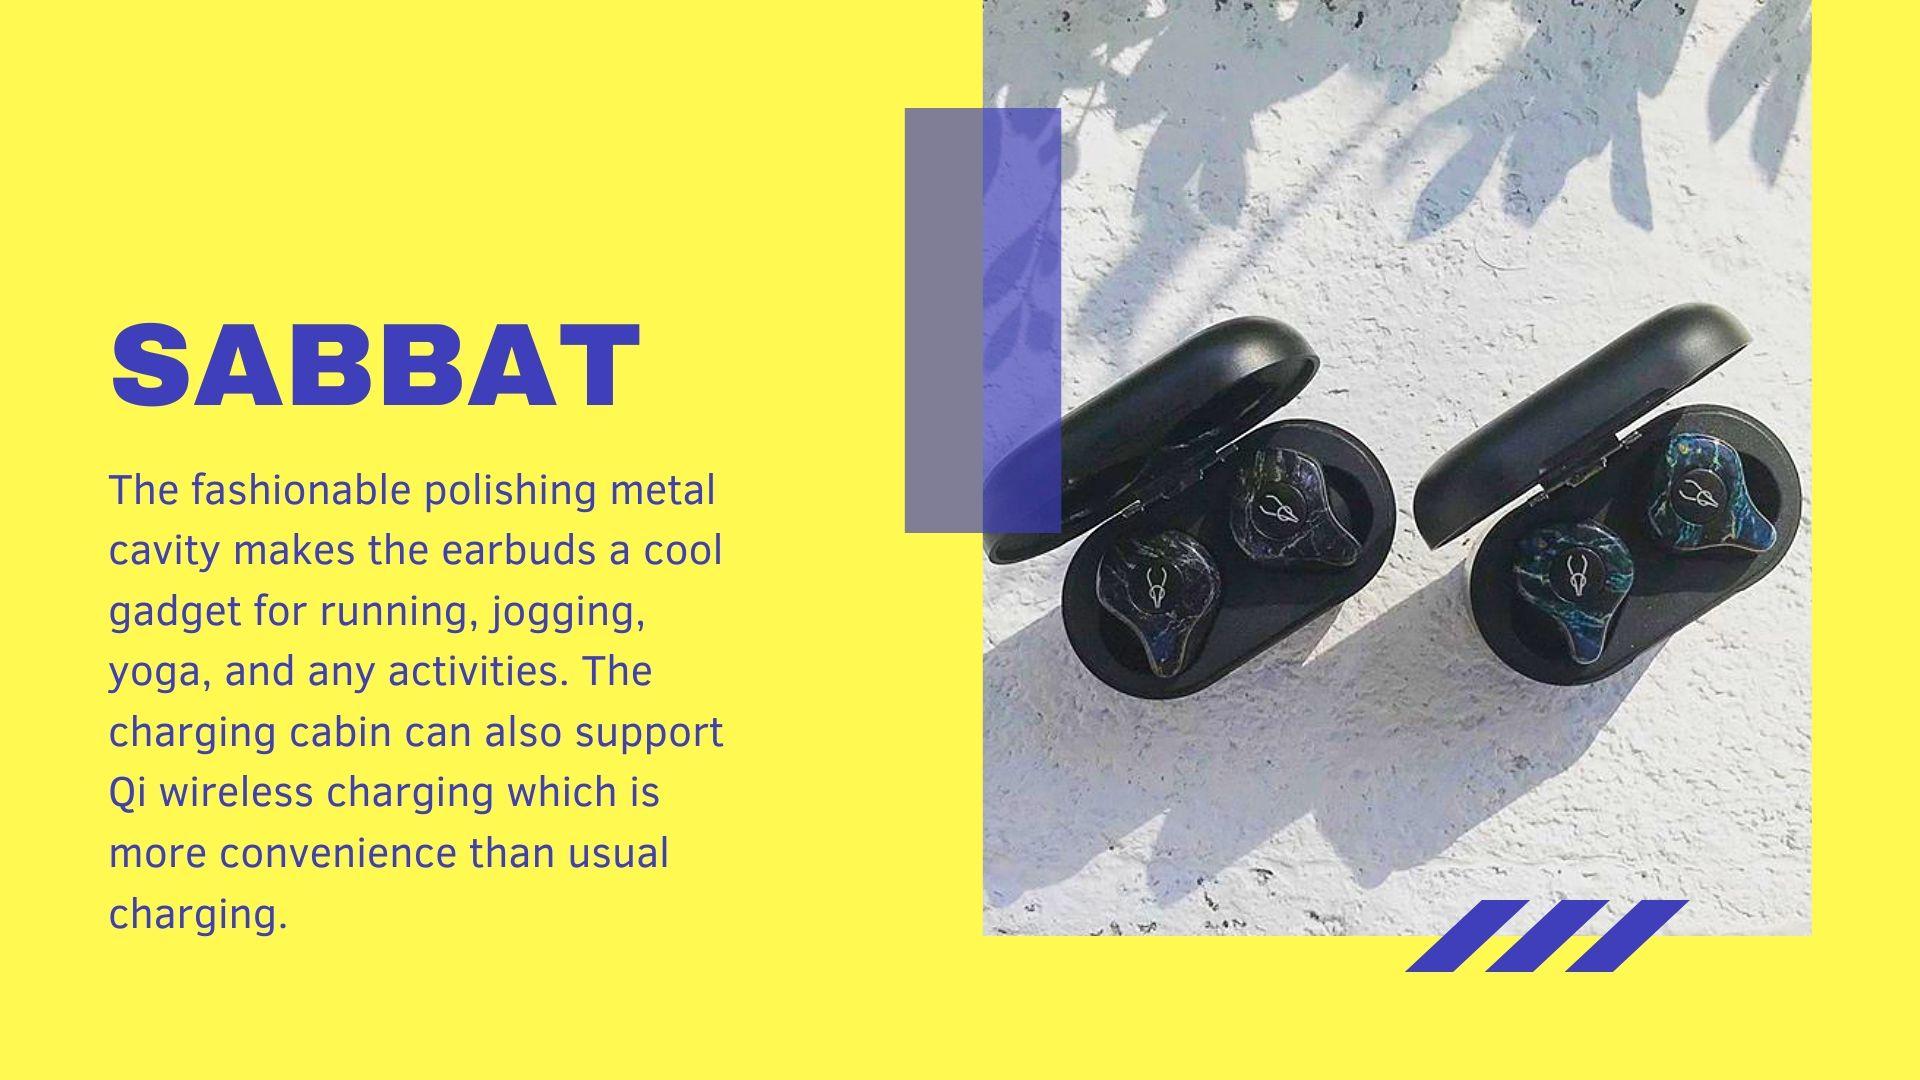 Sabbat E12 review